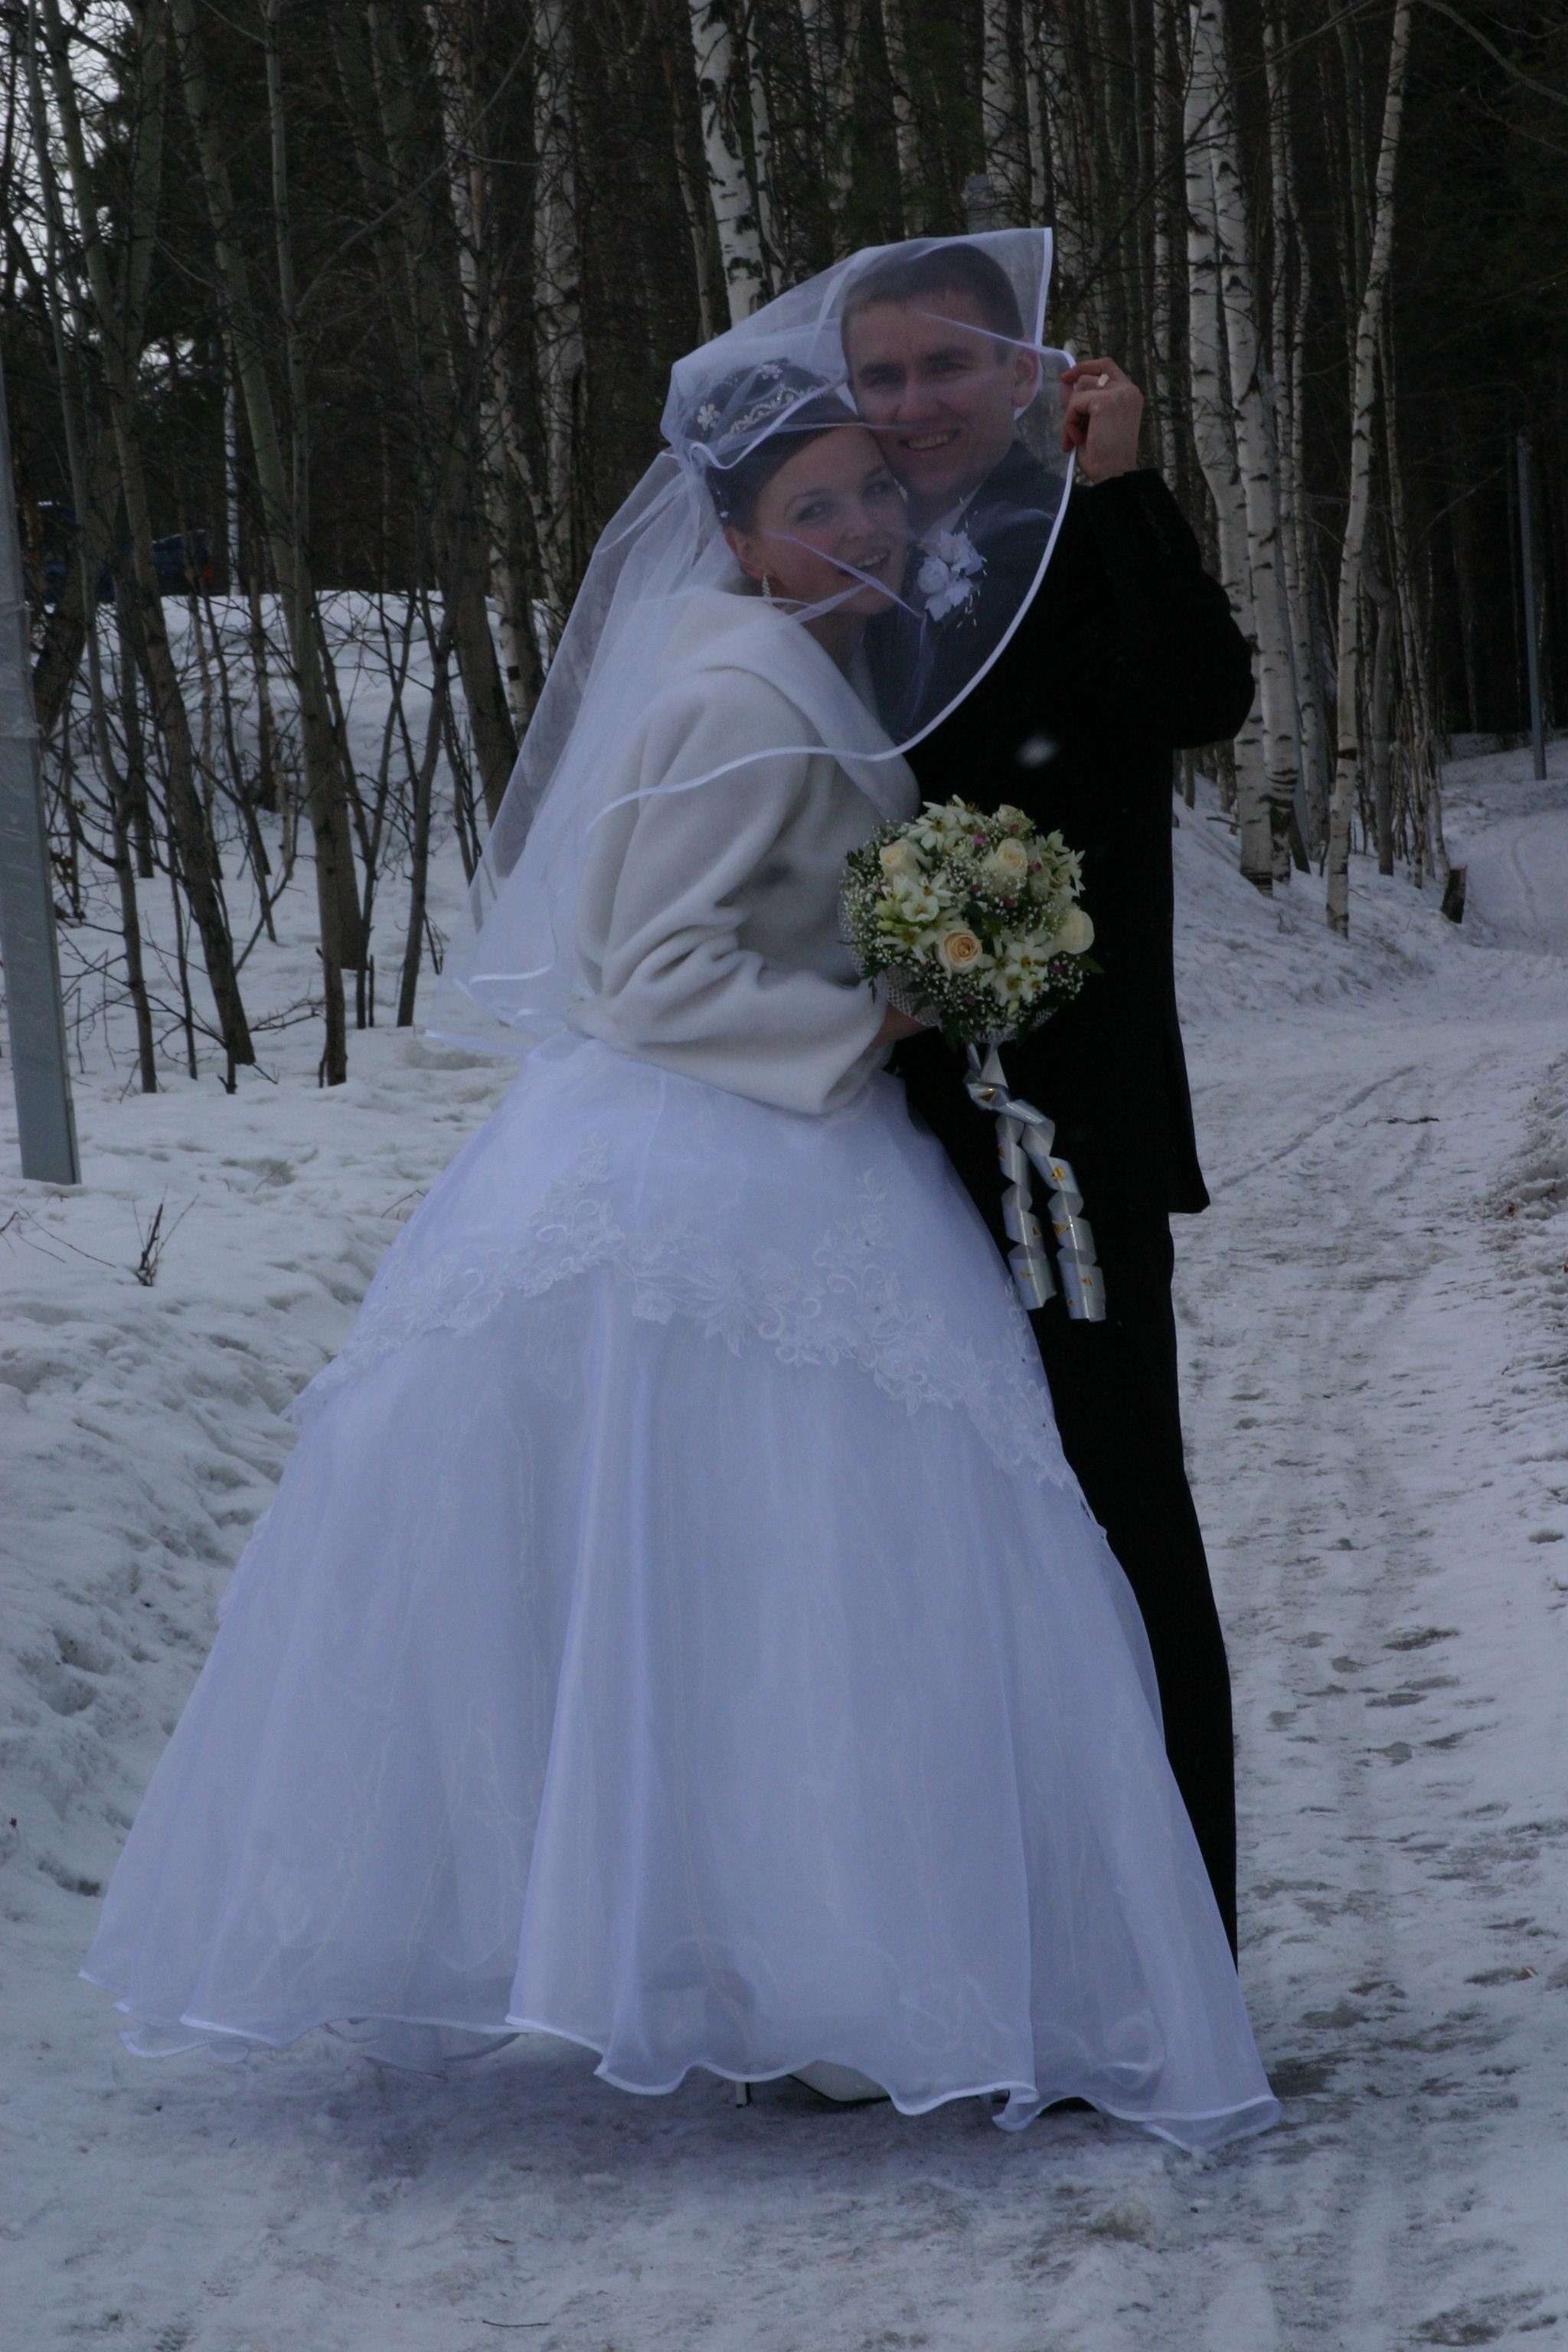 Свадьба евгений левченко и олеси ермаковой фото со свадьбы